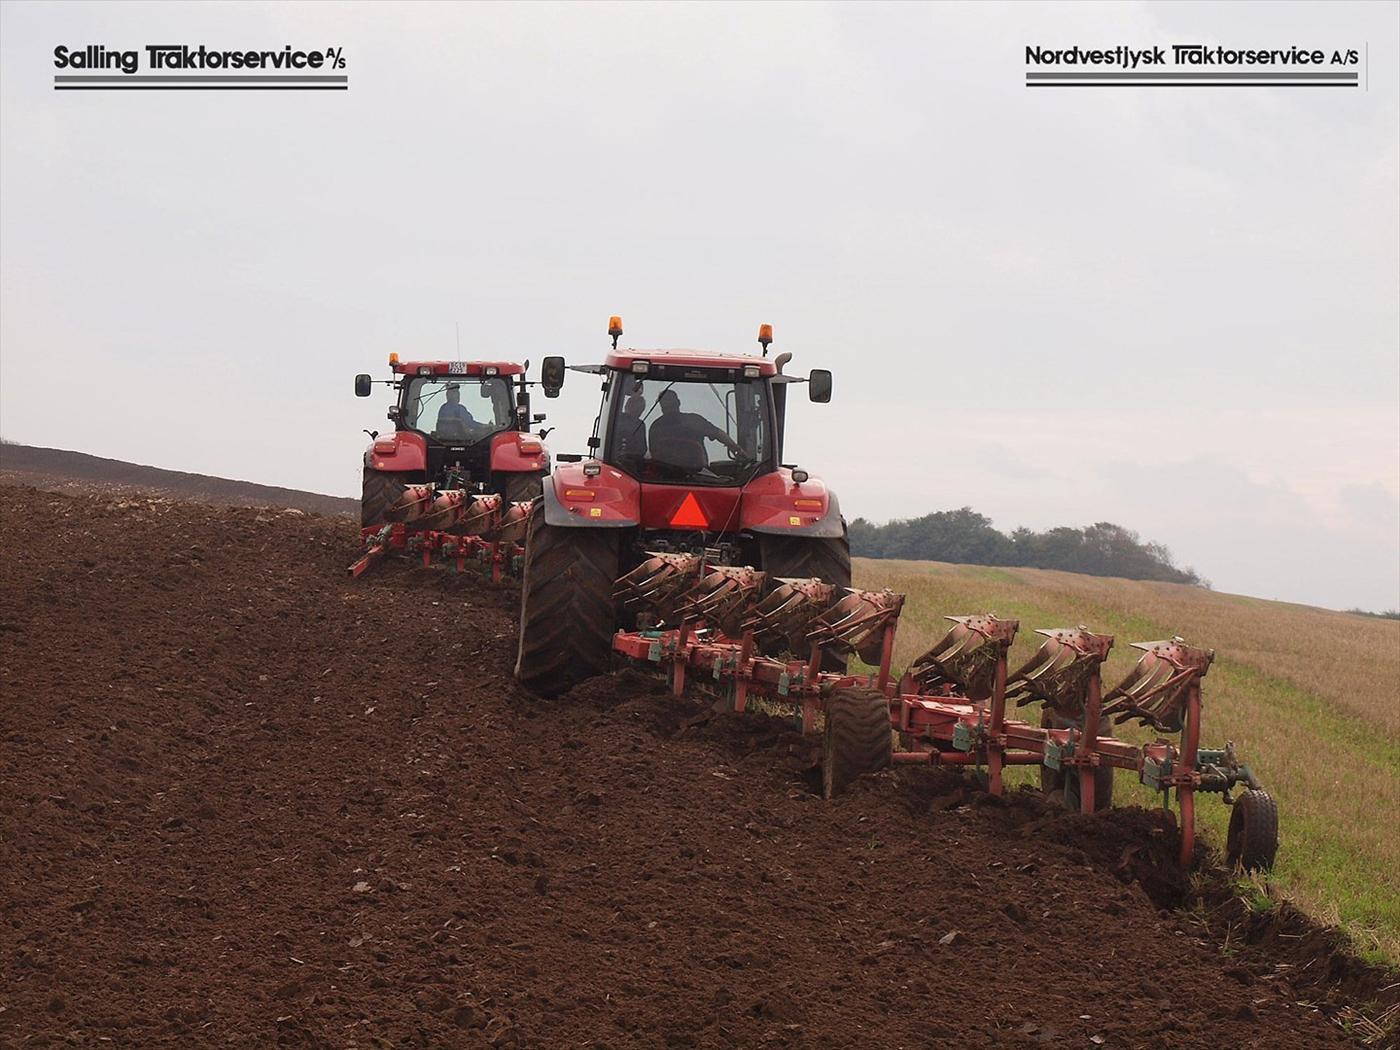 Salling Traktorservice samt Nordvestjysk Traktorservice billede 4